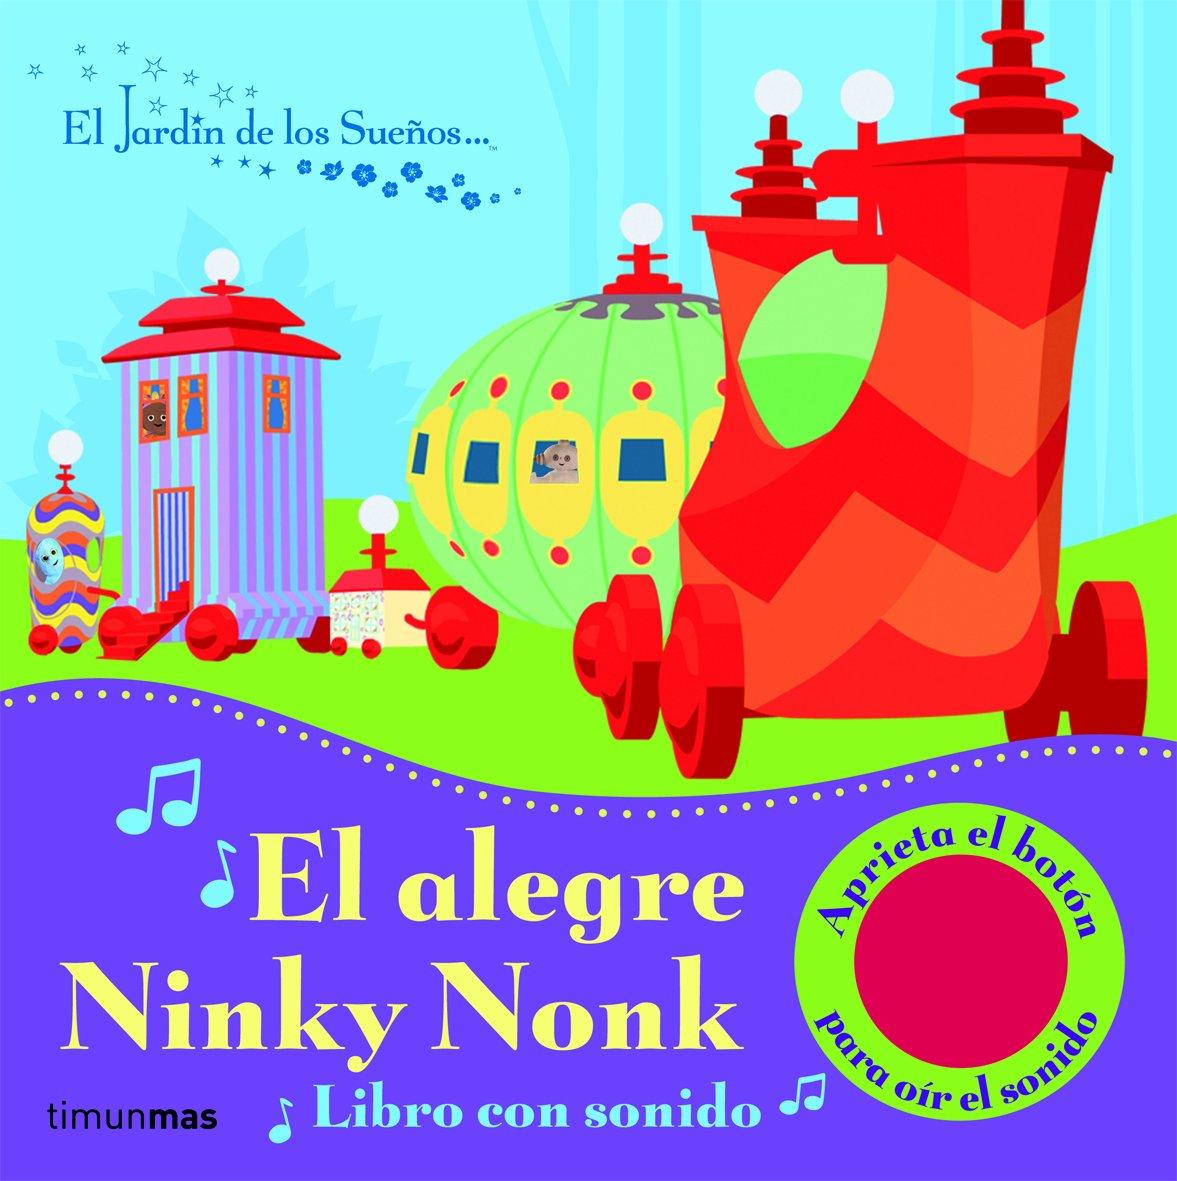 El alegre Ninky Nonk (El jardín de los sueños): Amazon.es: El Jardín de los Sueños, Editorial Planeta S. A.: Libros